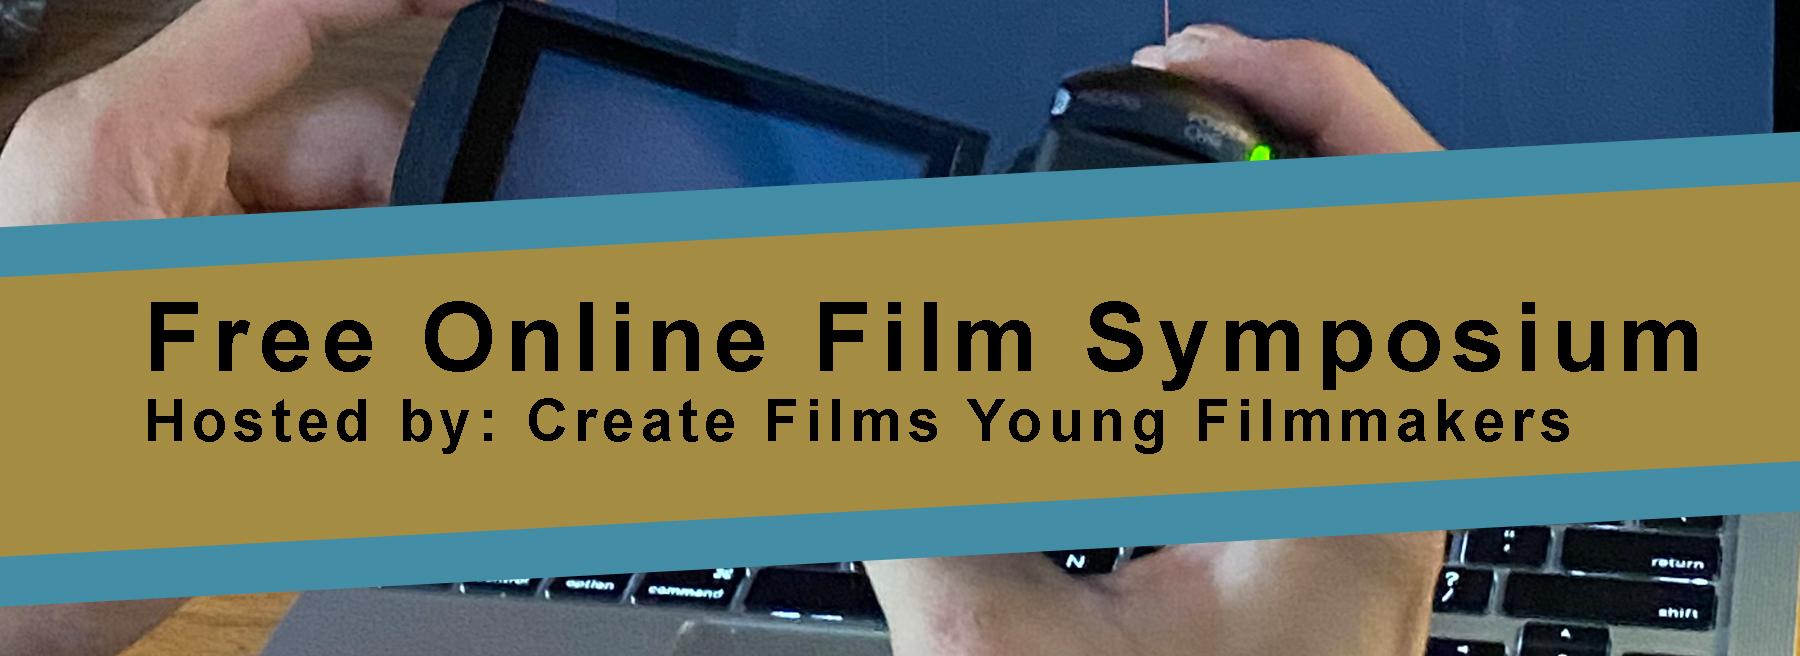 2020 Film Symposium Banner